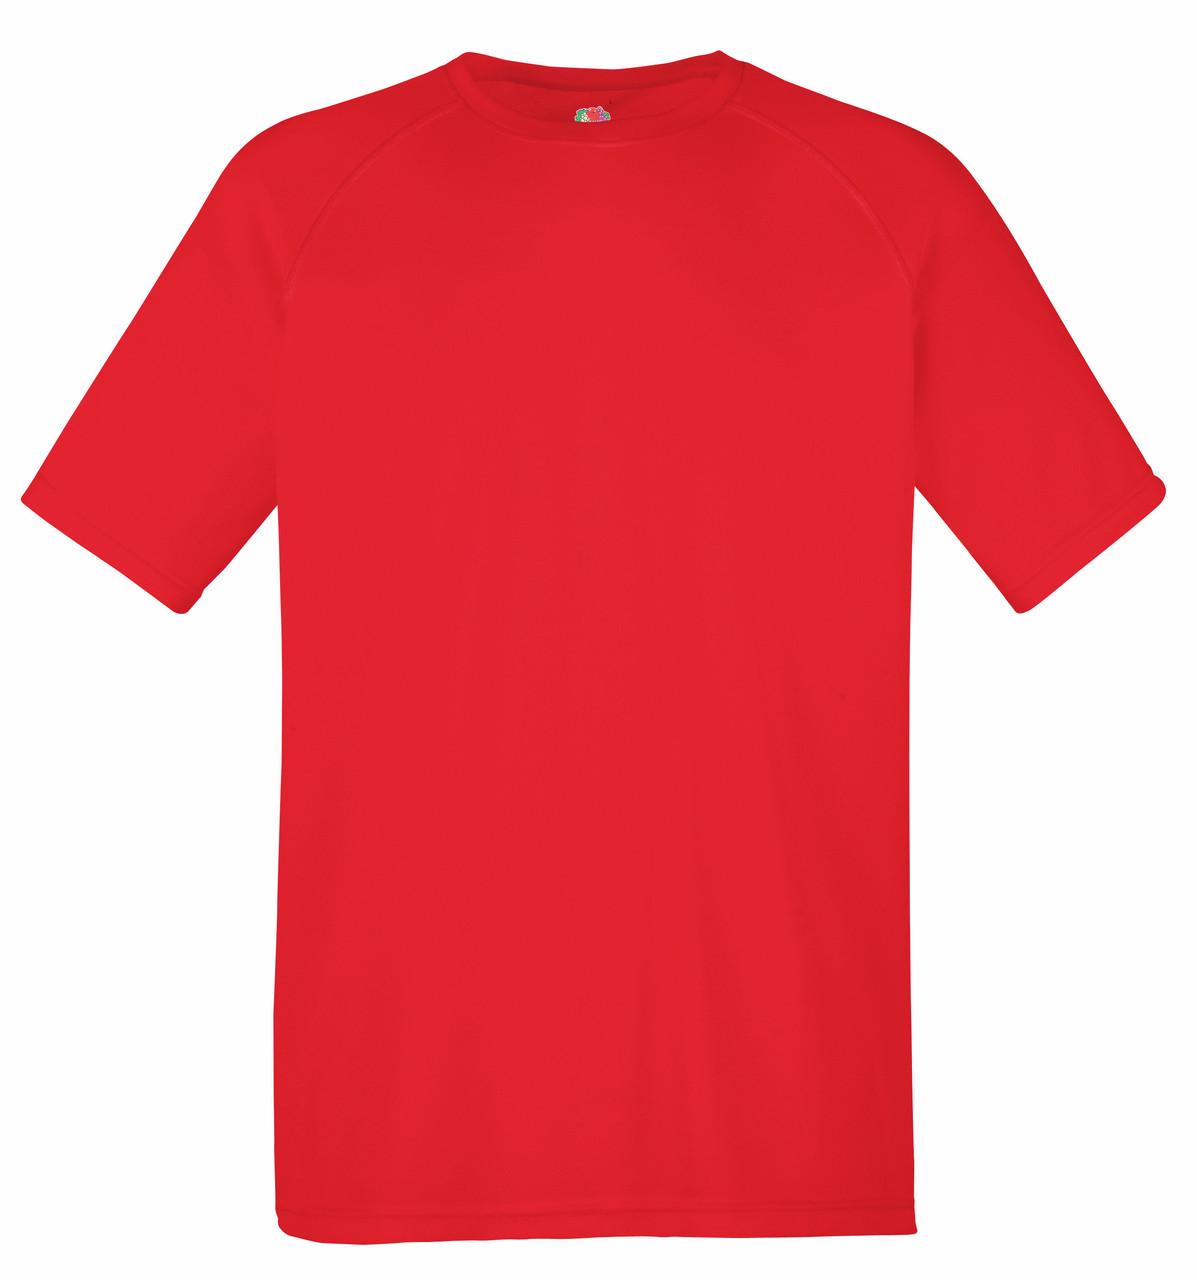 Мужская Спортивная Футболка Fruit of the loom Красный 61-390-40 M